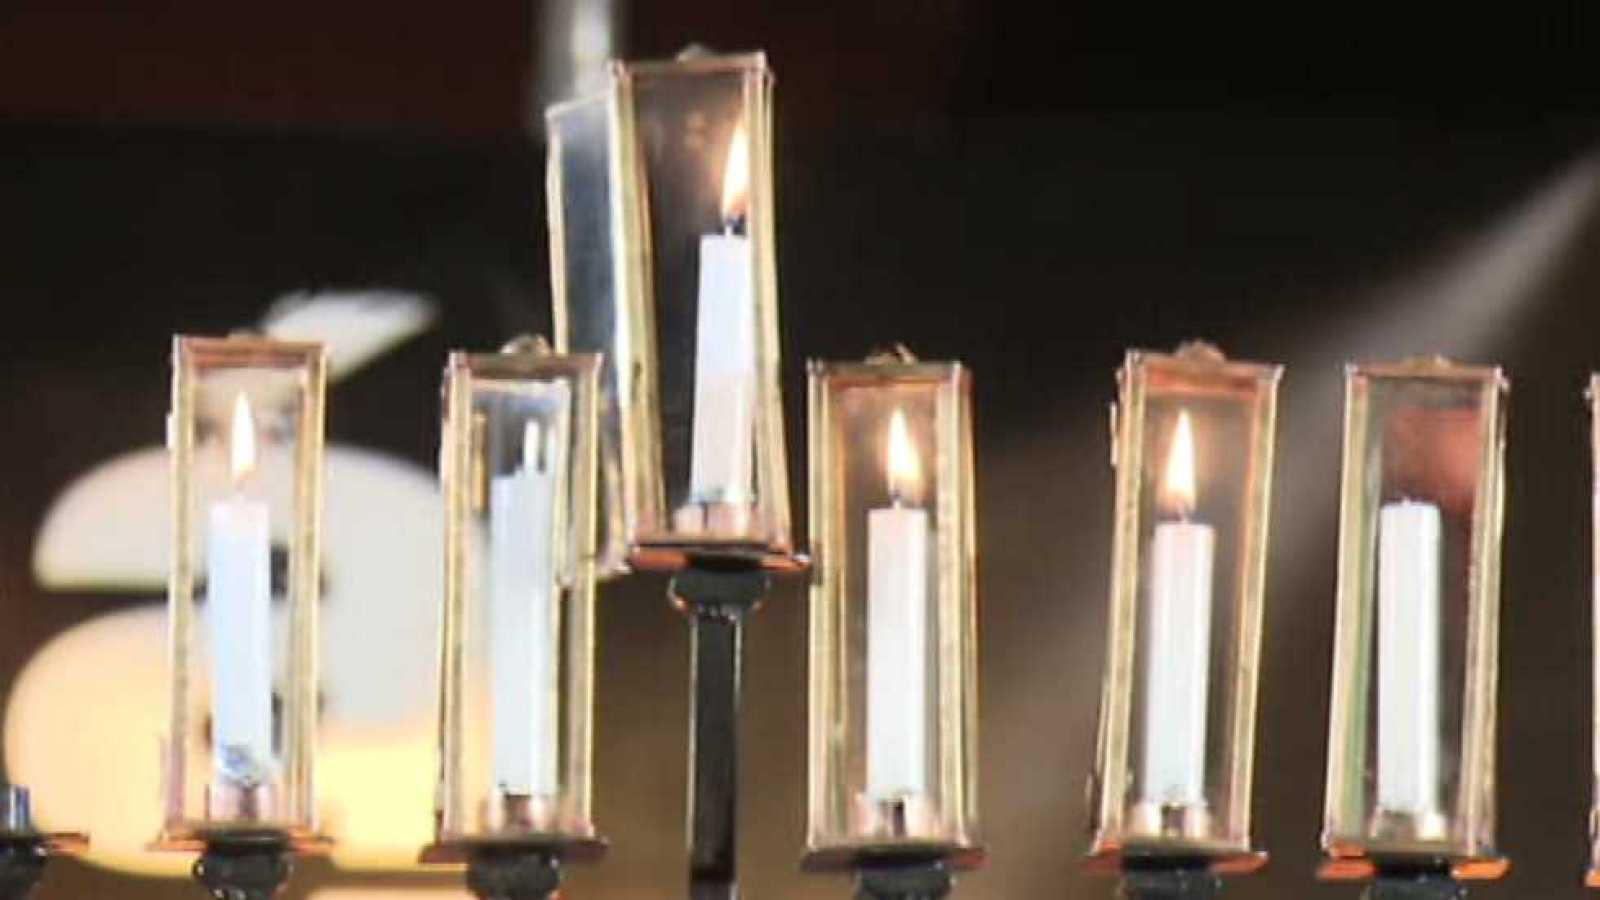 Shalom - Hanuká nos llena de luz - Ver ahora